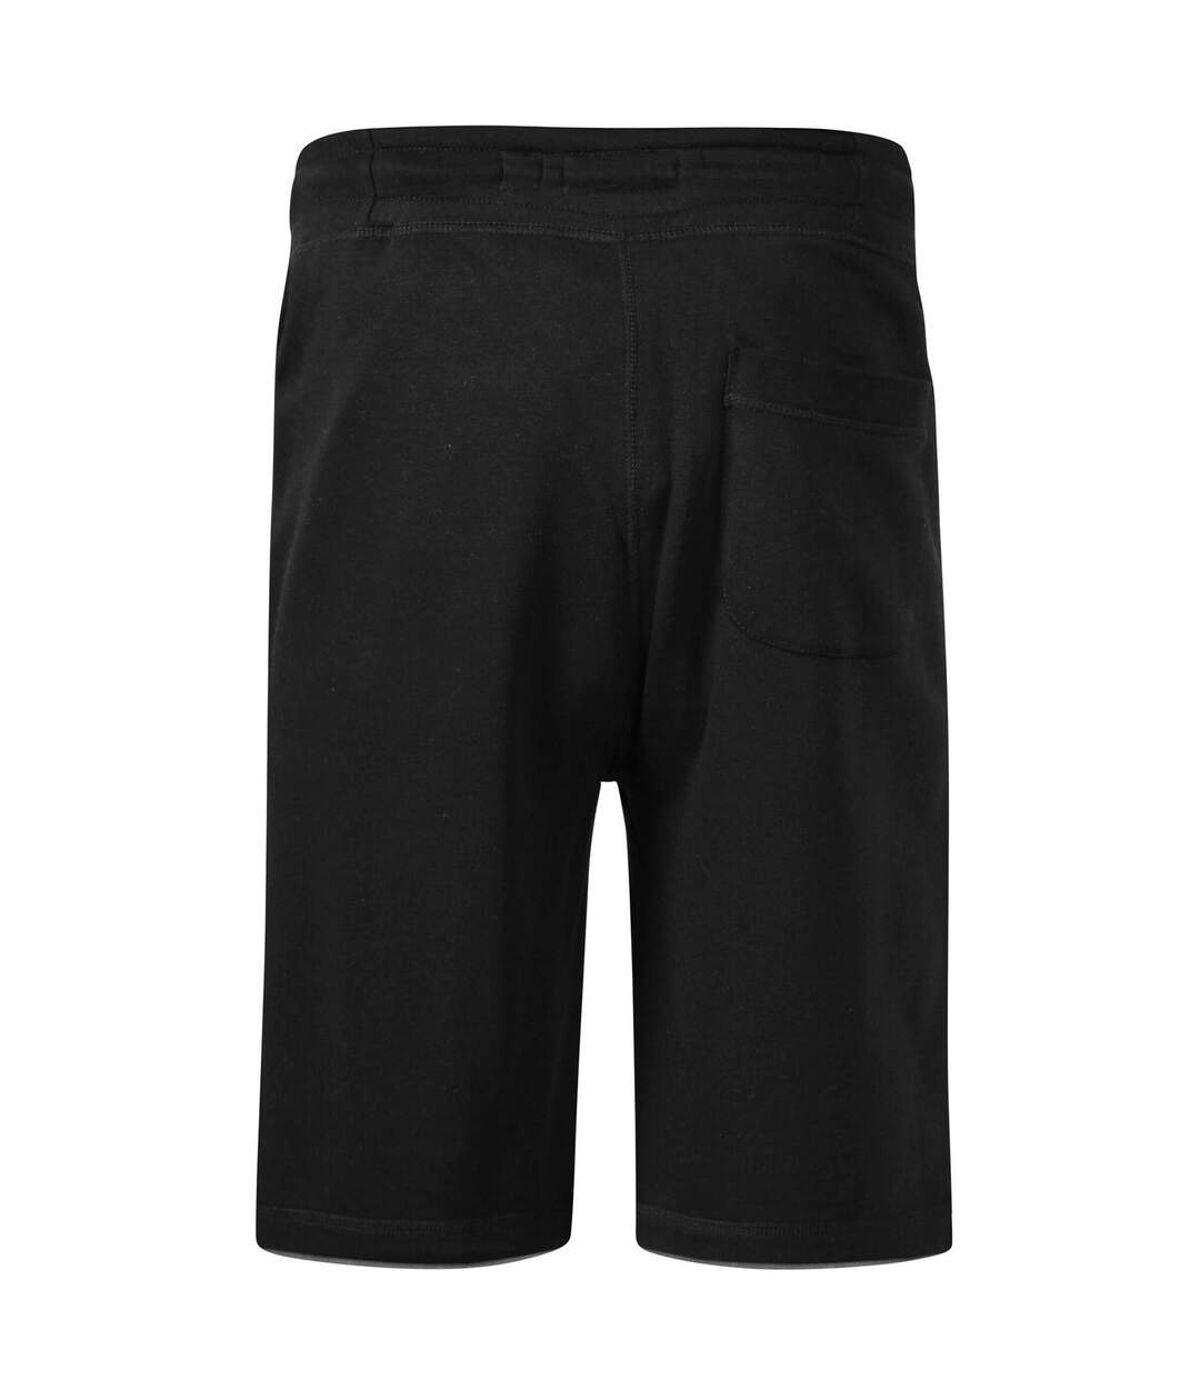 Duke Mens Tompkins D555 Embroidered Fleece Shorts (Black) - UTDC276